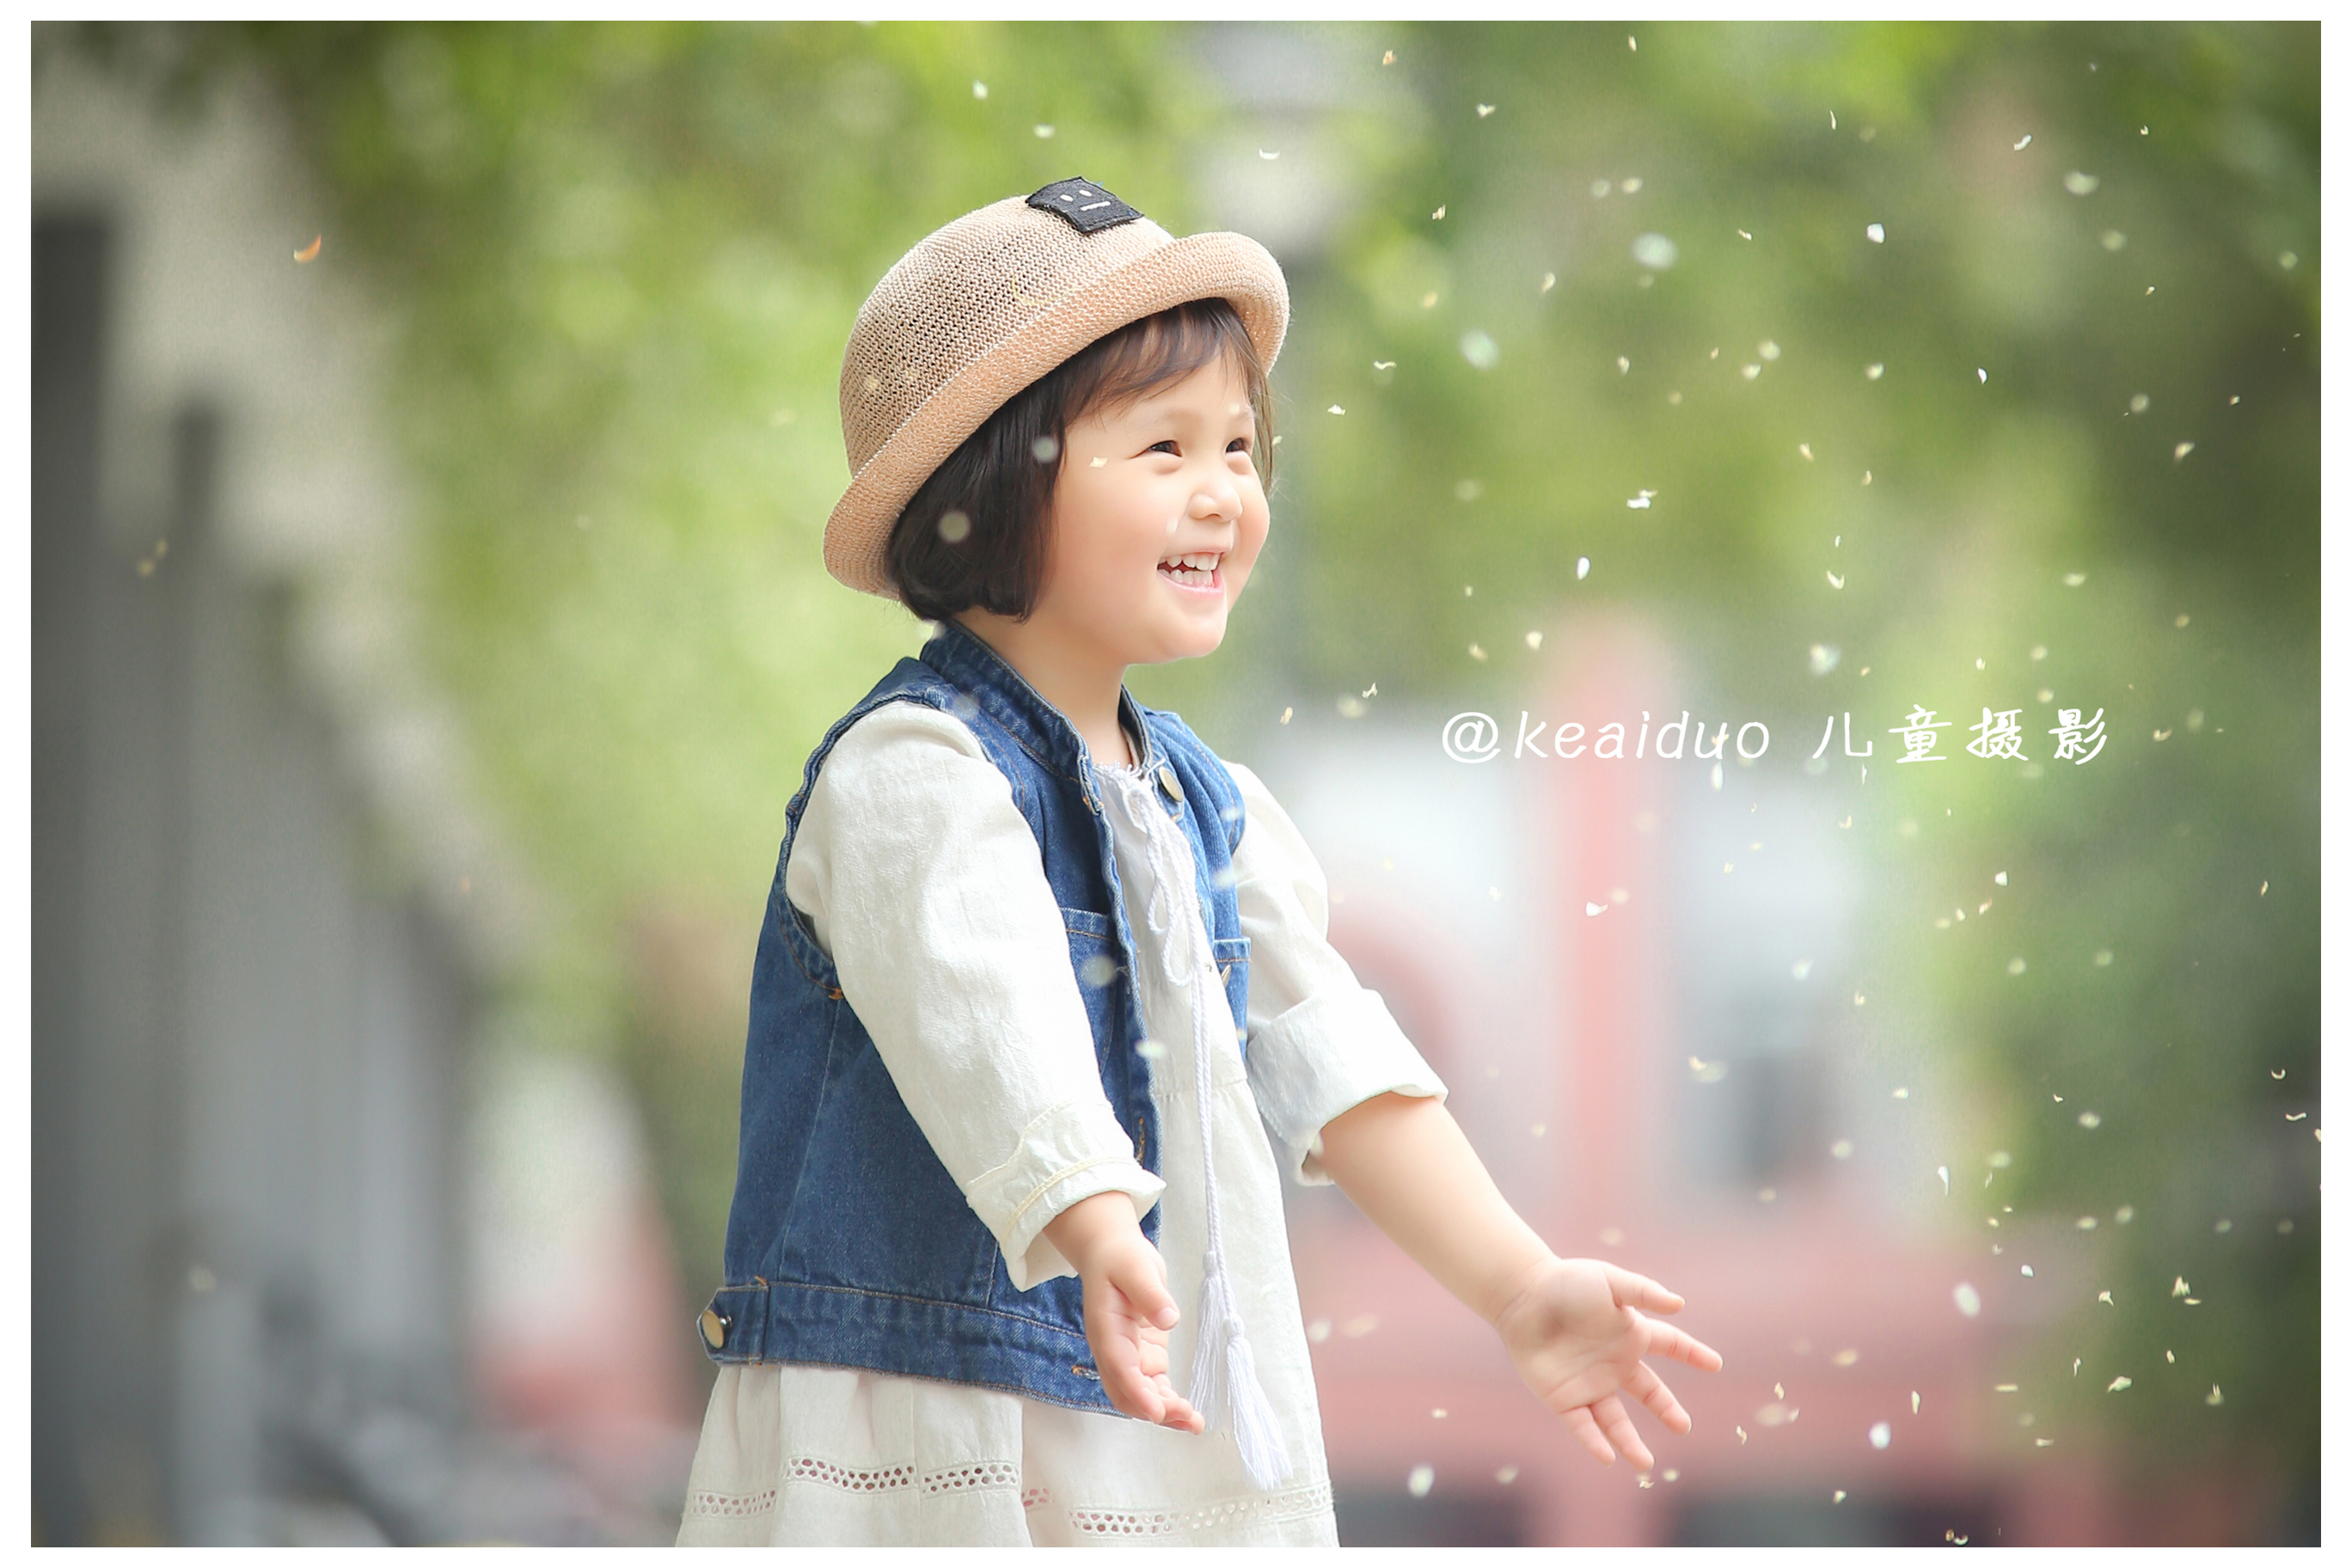 2017年08月16日_可爱多儿童摄影_新浪博客